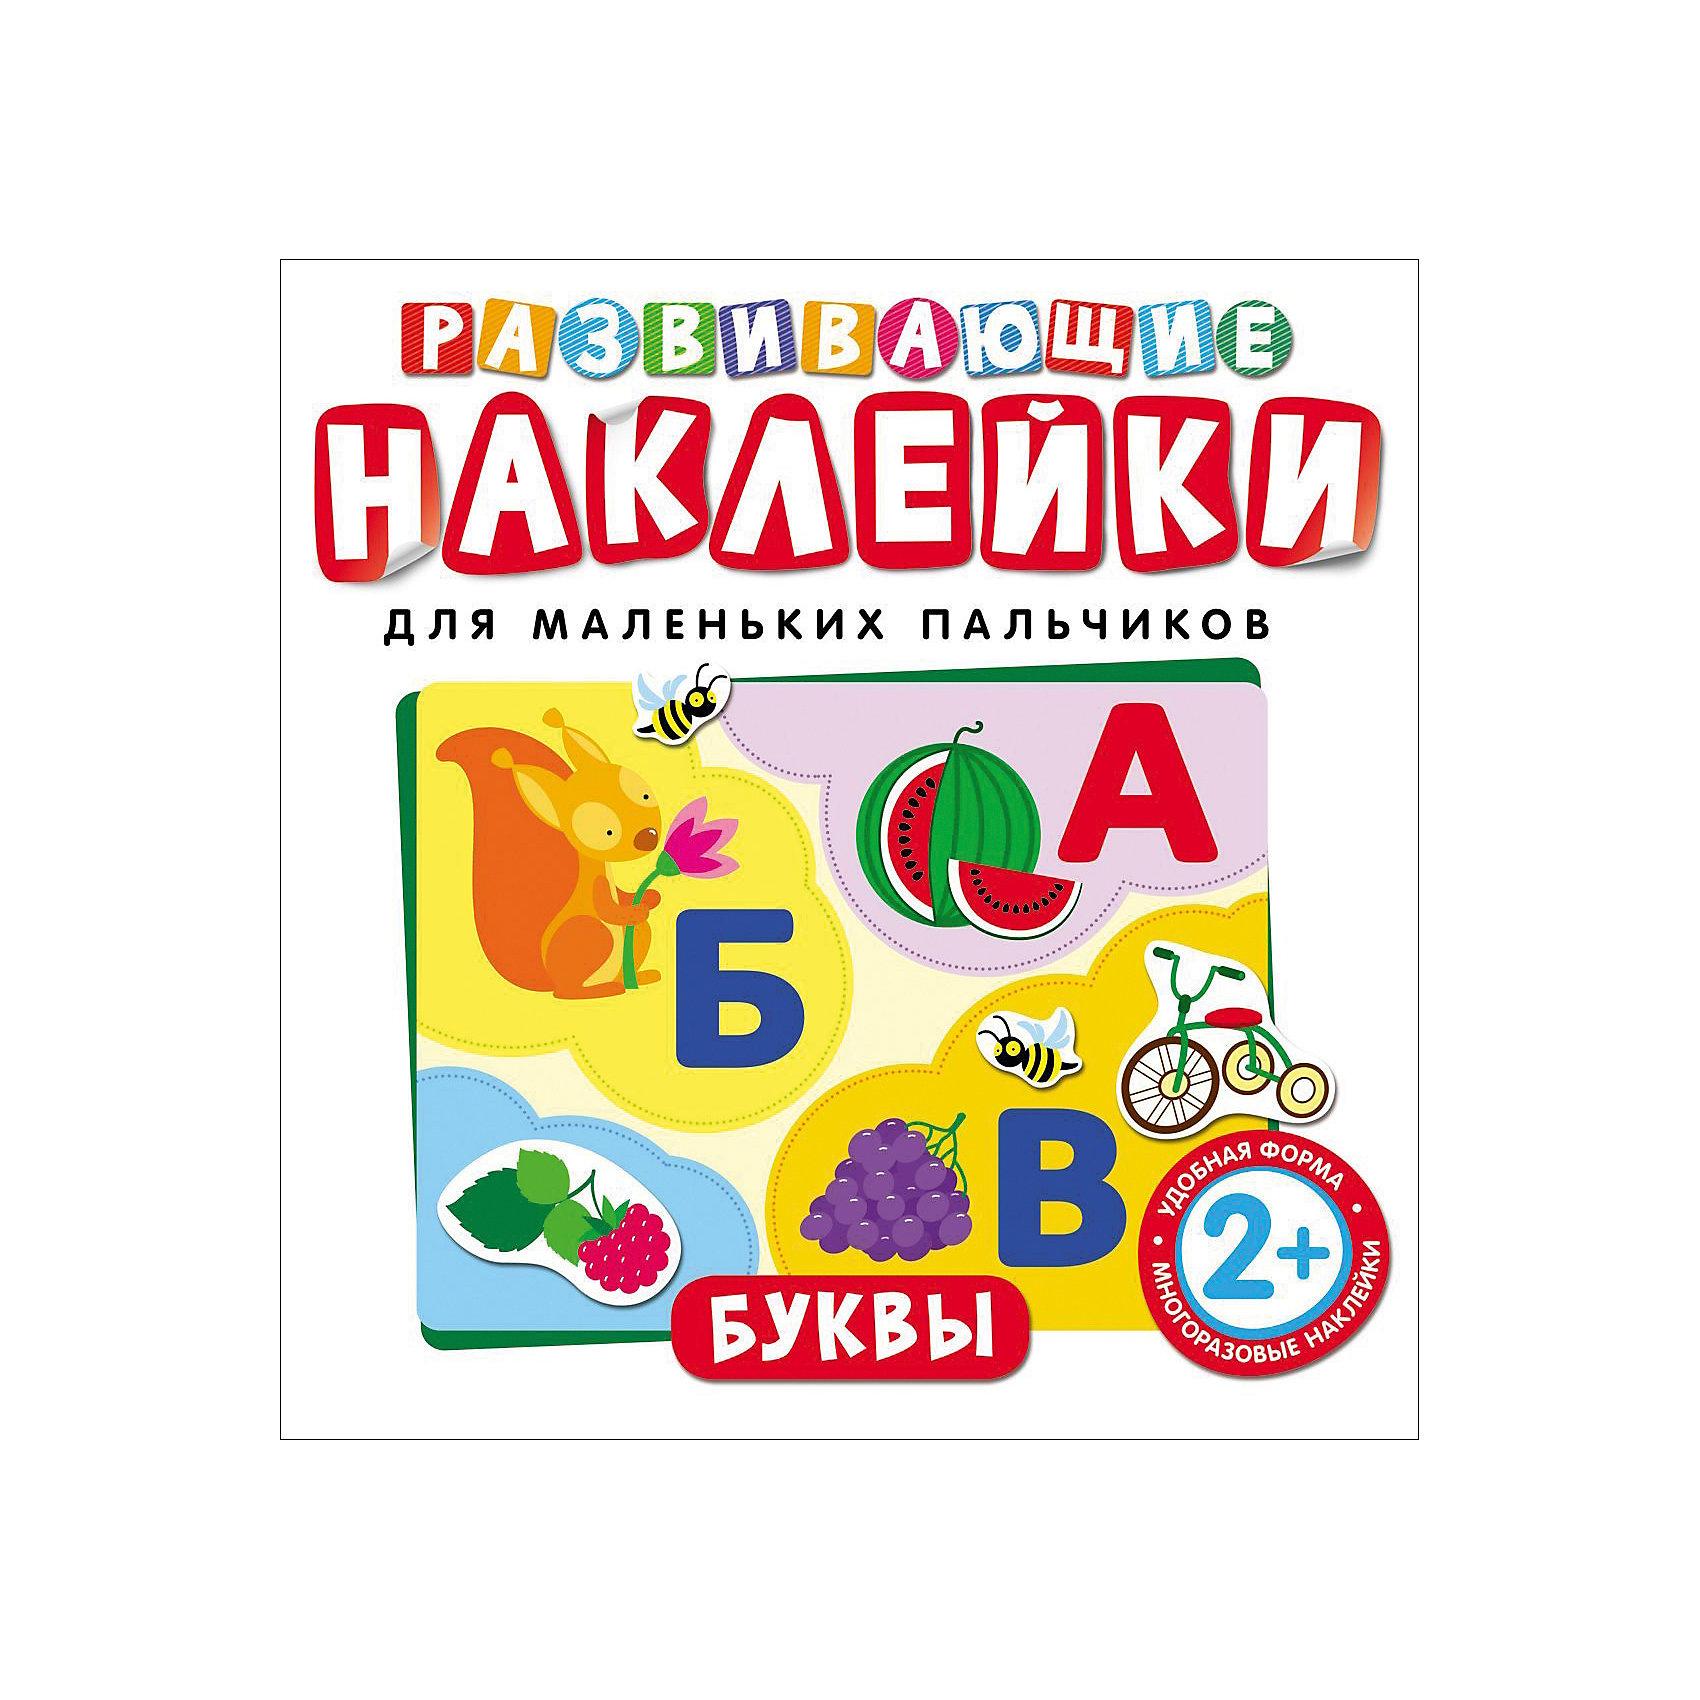 Развивающие наклейки БуквыТворчество для малышей<br>Характеристики товара:<br><br>- цвет: разноцветный;<br>- материал: бумага;<br>- страниц: 12;<br>- формат: 84x100/12;<br>- обложка: мягкая;<br>- развивающее издание.<br><br>Это интересное развивающее издание станет отличным подарком для ребенка. Оно содержит в себе задания, которые можно выполнить с помощью наклеек. Всё представлено в очень простой форме! Наклейки многоразовые, их можно клеить куда угодно или выполнять задания заново. Простые интересные задачки помогут привить любовь к учебе!<br>Выполнение таких заданий помогает ребенку развивать зрительную память, концентрацию внимания и воображение. Издание произведено из качественных материалов, которые безопасны даже для самых маленьких.<br><br>Развивающие наклейки Буквы от компании Росмэн можно купить в нашем интернет-магазине.<br><br>Ширина мм: 245<br>Глубина мм: 245<br>Высота мм: 3<br>Вес г: 87<br>Возраст от месяцев: 0<br>Возраст до месяцев: 36<br>Пол: Унисекс<br>Возраст: Детский<br>SKU: 5110003